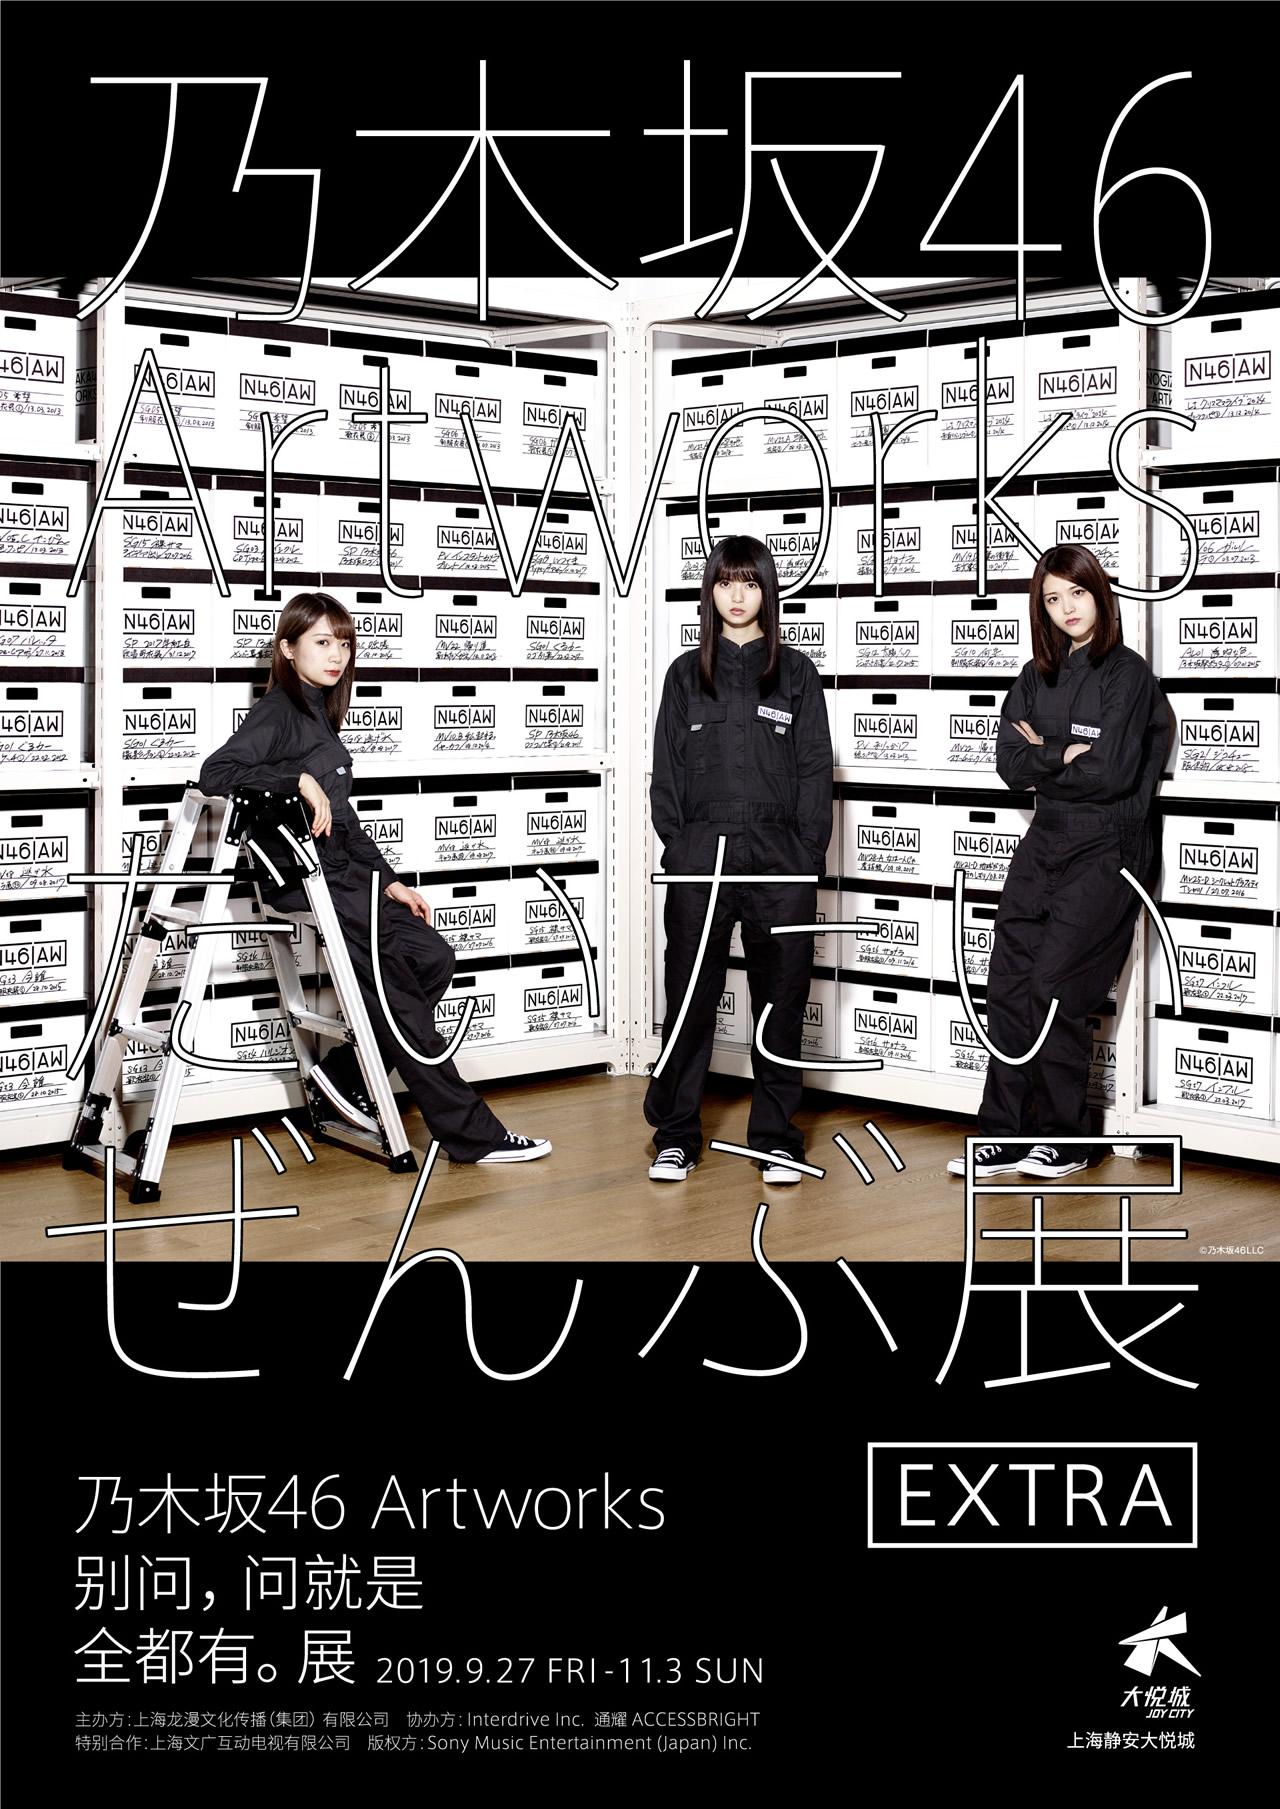 乃木坂46 Artworks だいたいぜんぶ展 Extra in 上海